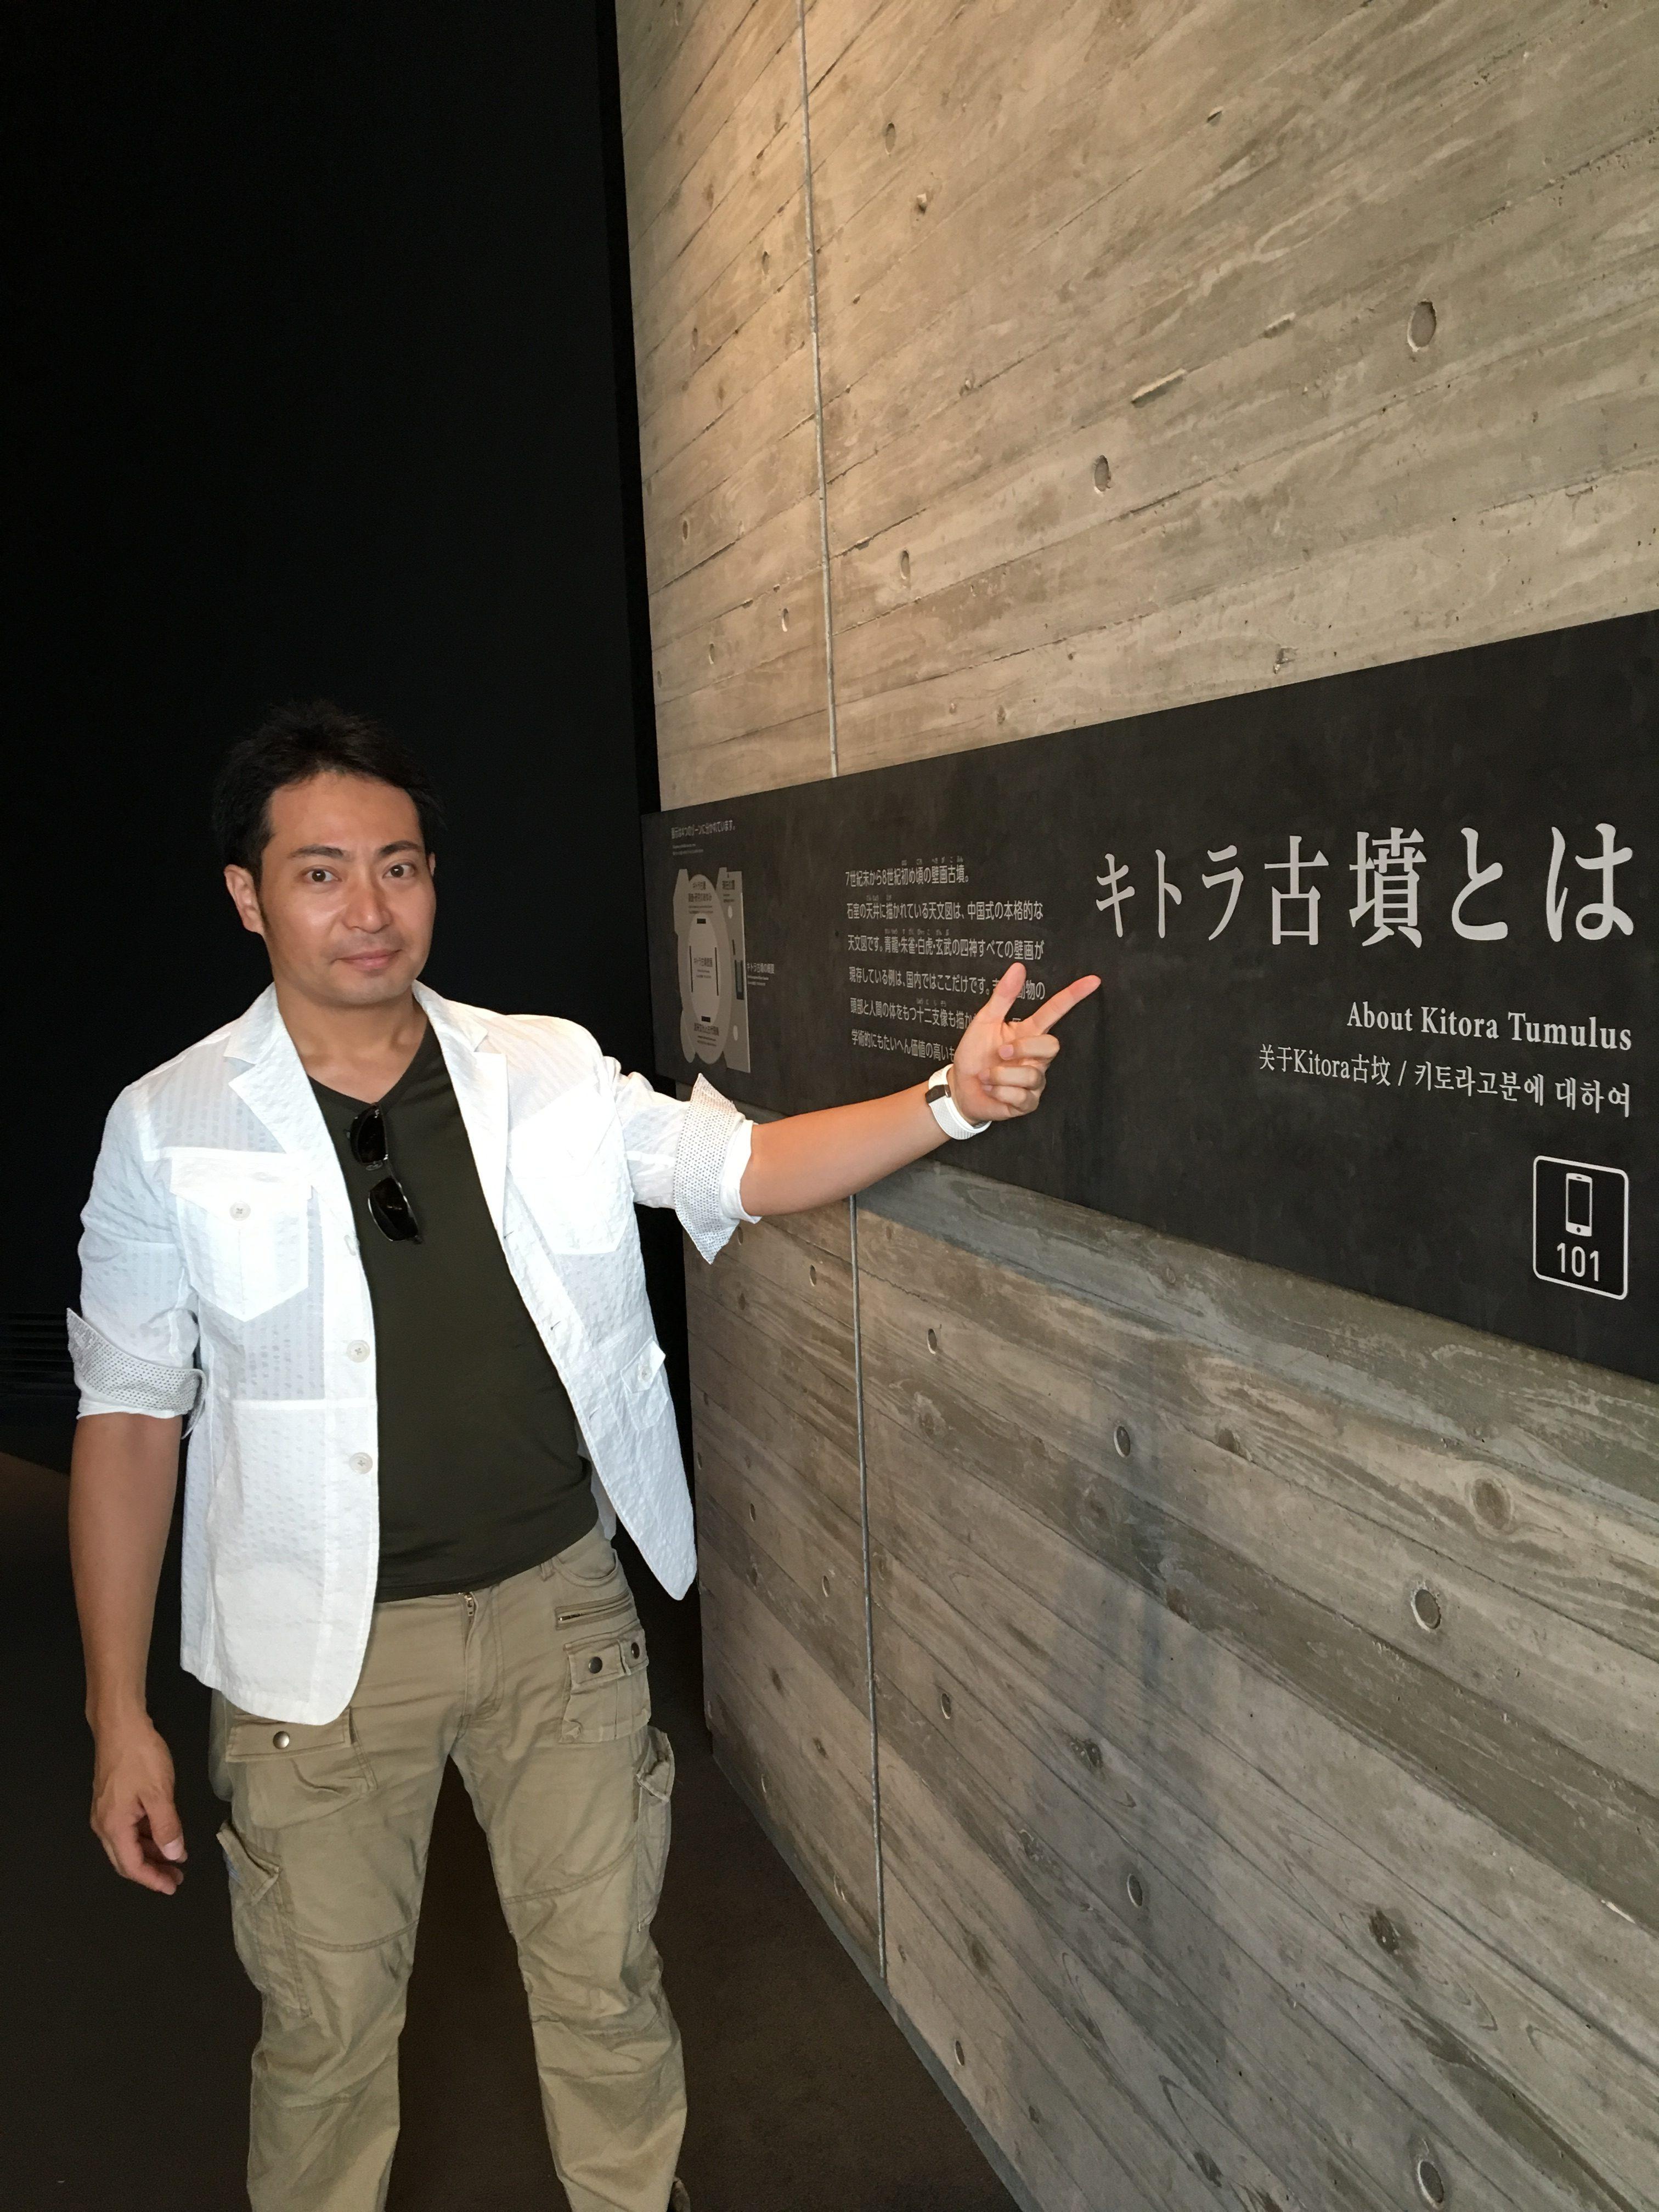 奈良にある伝説の漆喰!キトラ古墳の漆喰壁画の第五回公開を見てきた。